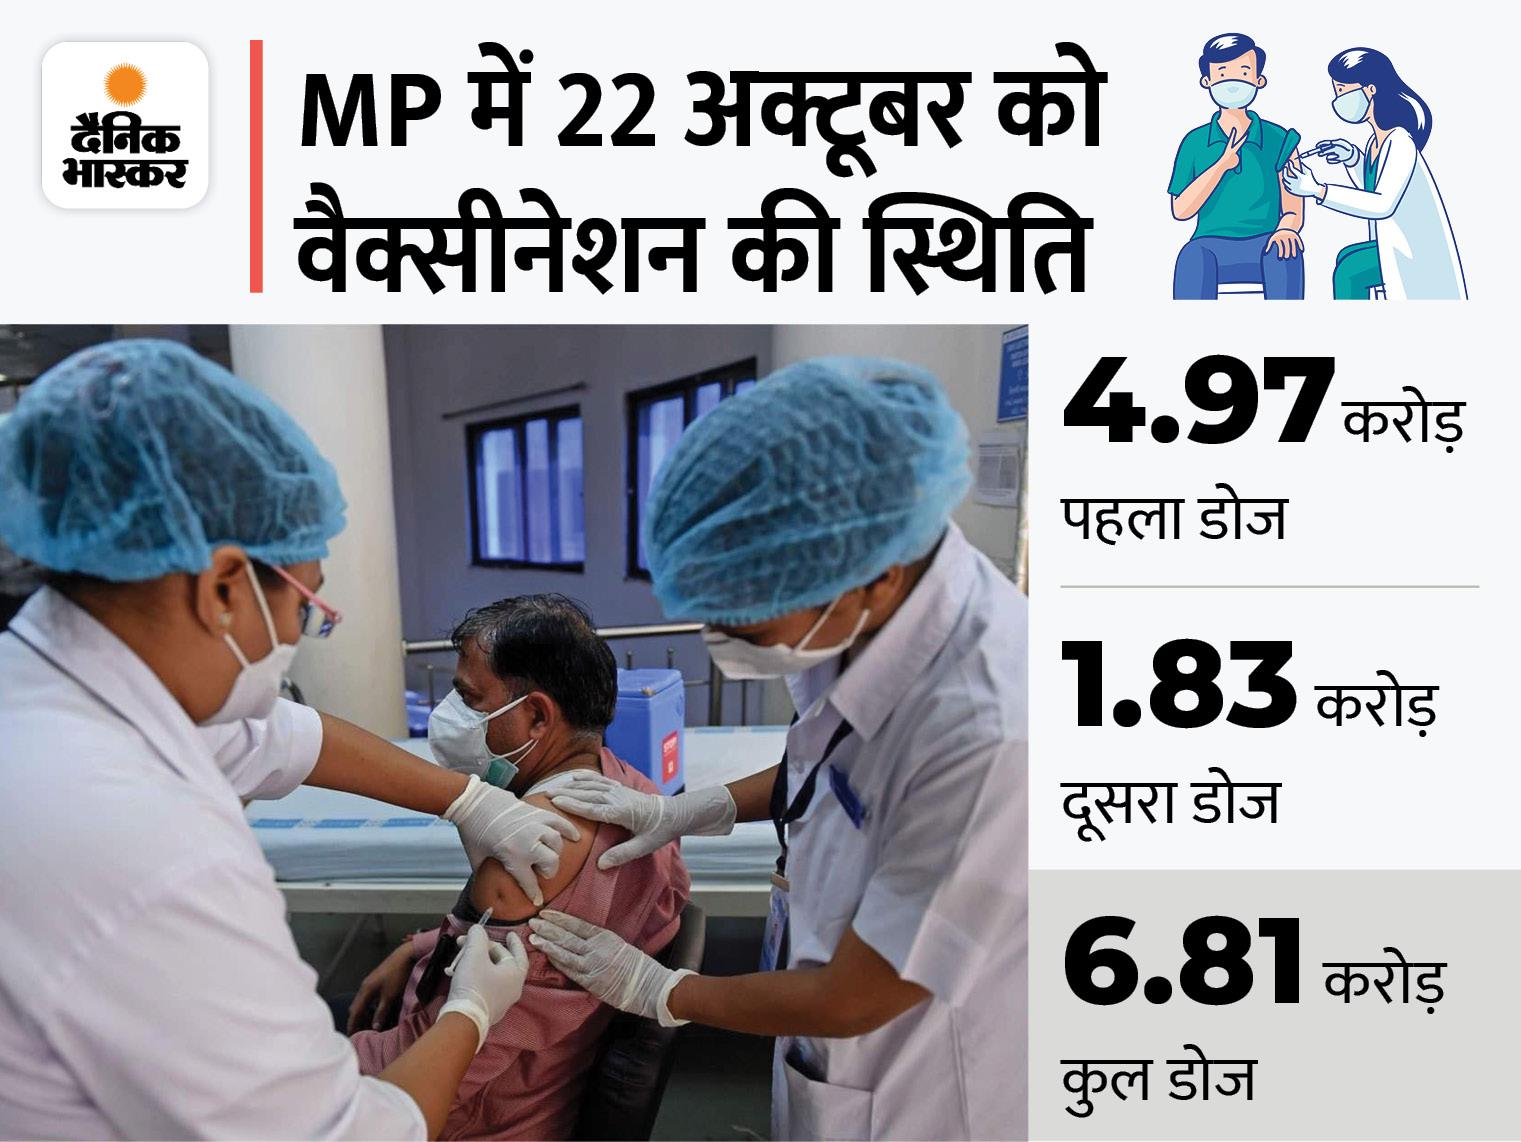 प्रदेश में दिसंबर तक पात्र 18+ आबादी को पूरी तरह वैक्सीनेट करने रोज लगाने होंगे 5.97 लाख टीके; 53 लाख को पहला डोज भी नहीं लगा भोपाल,Bhopal - Dainik Bhaskar